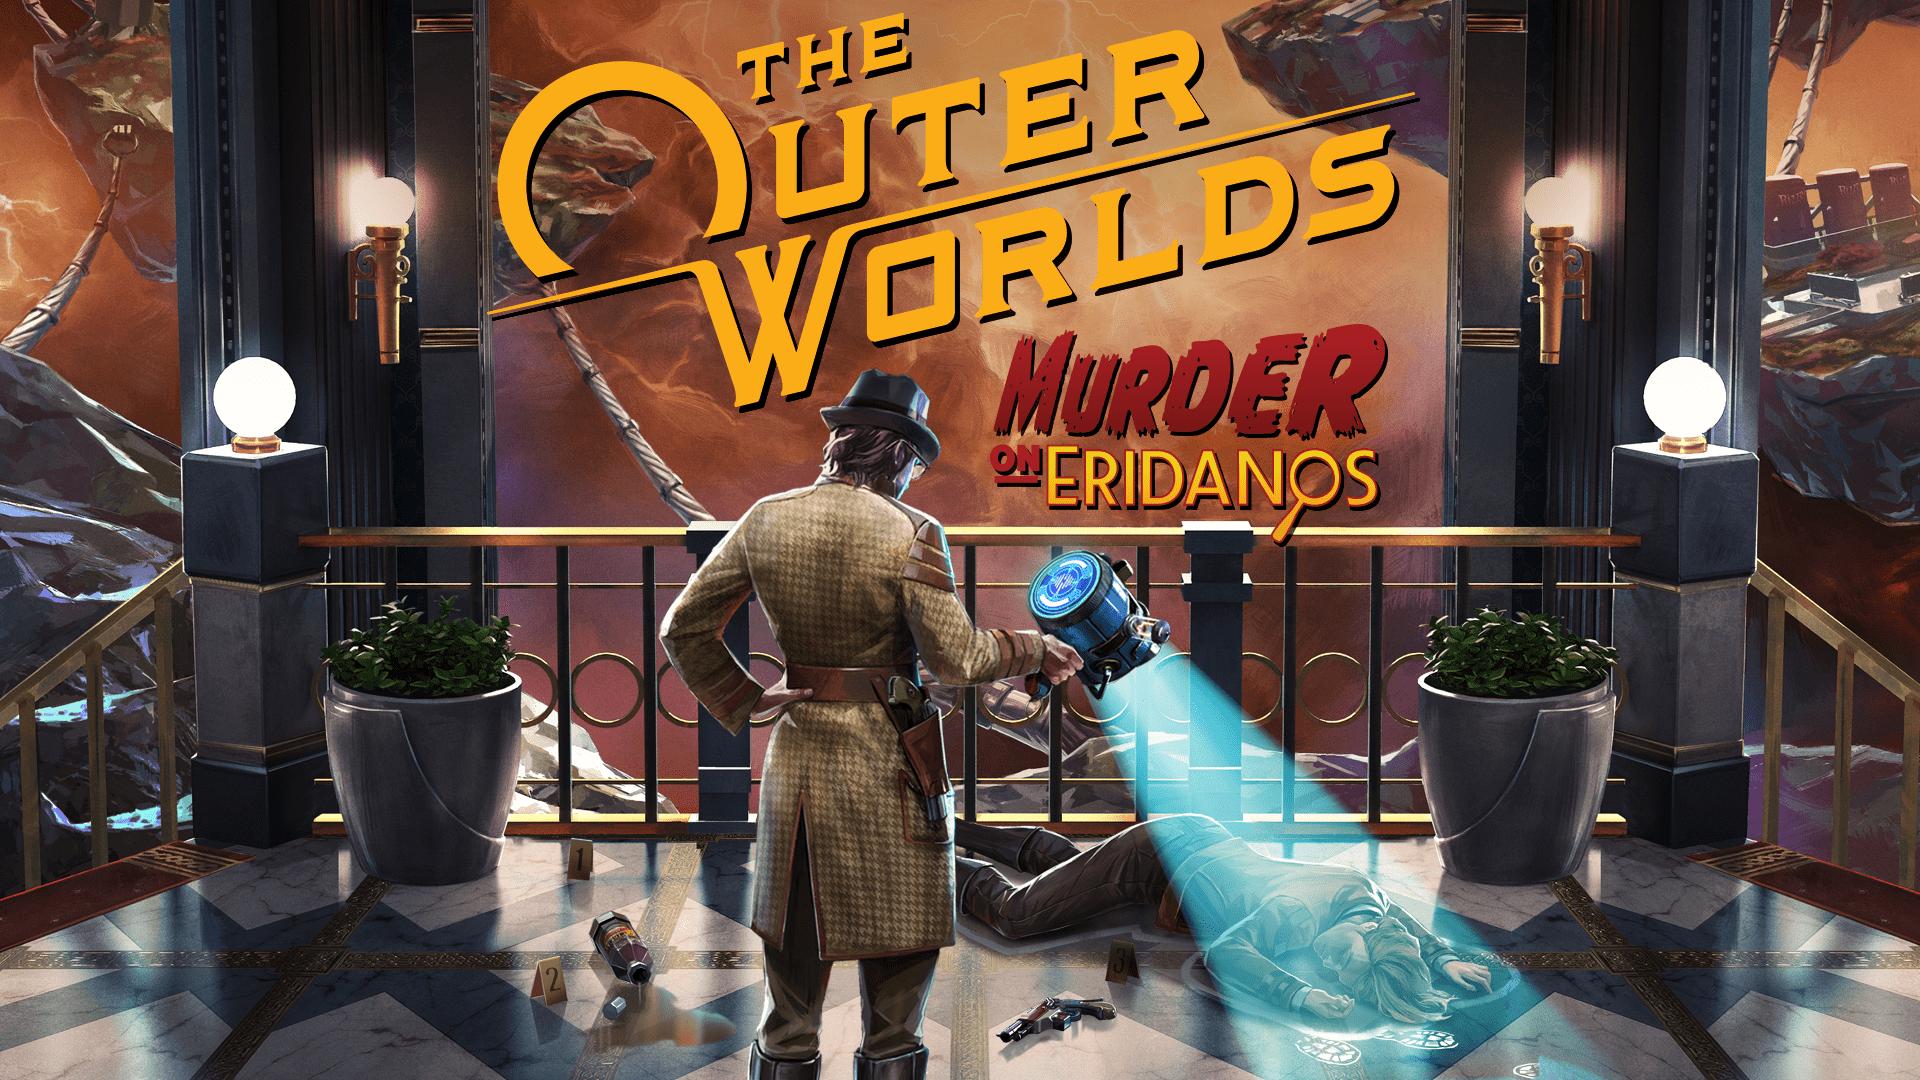 The Outer Worlds: Murder on Eridanos (Epic) | ROW (c9dd8edf-ed80-4b54-acc6-b4df49c0f39f)